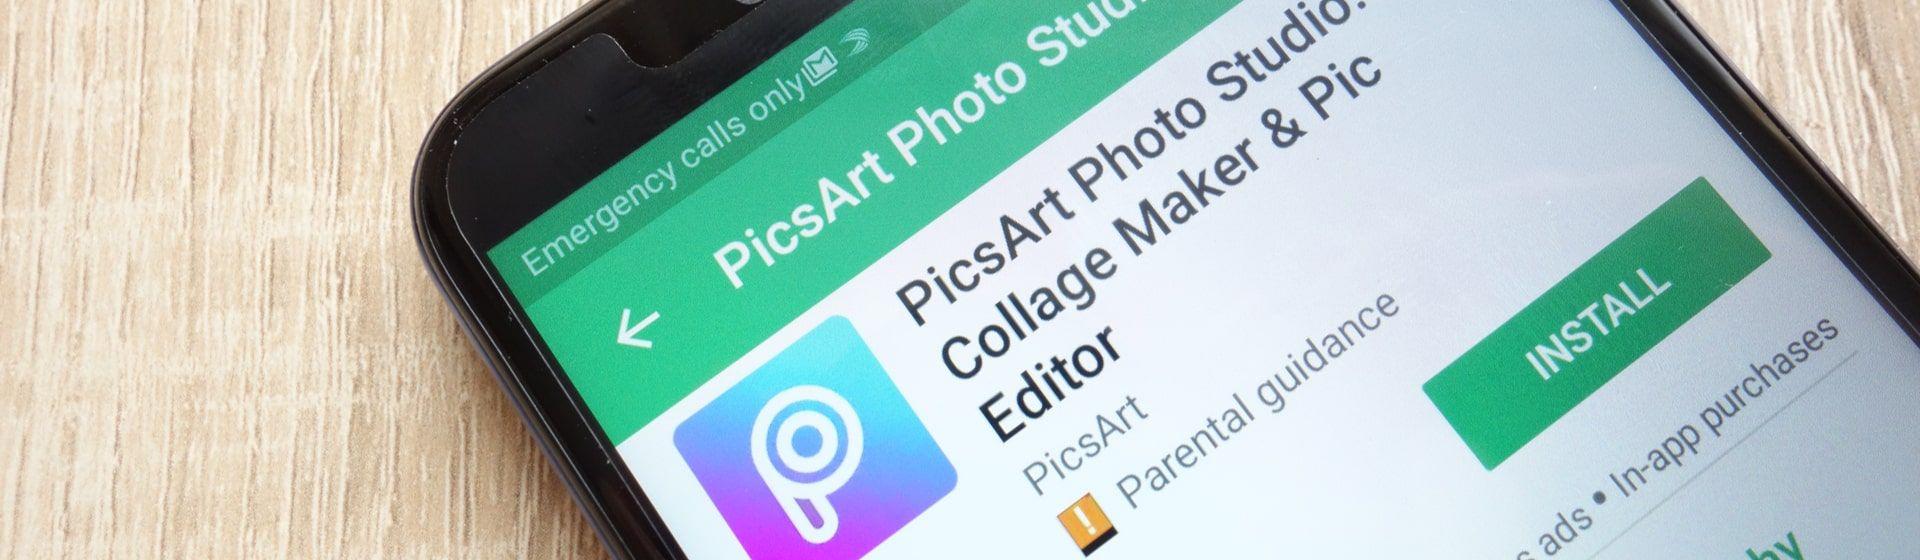 Como fazer montagem de fotos no celular: veja os melhores aplicativos